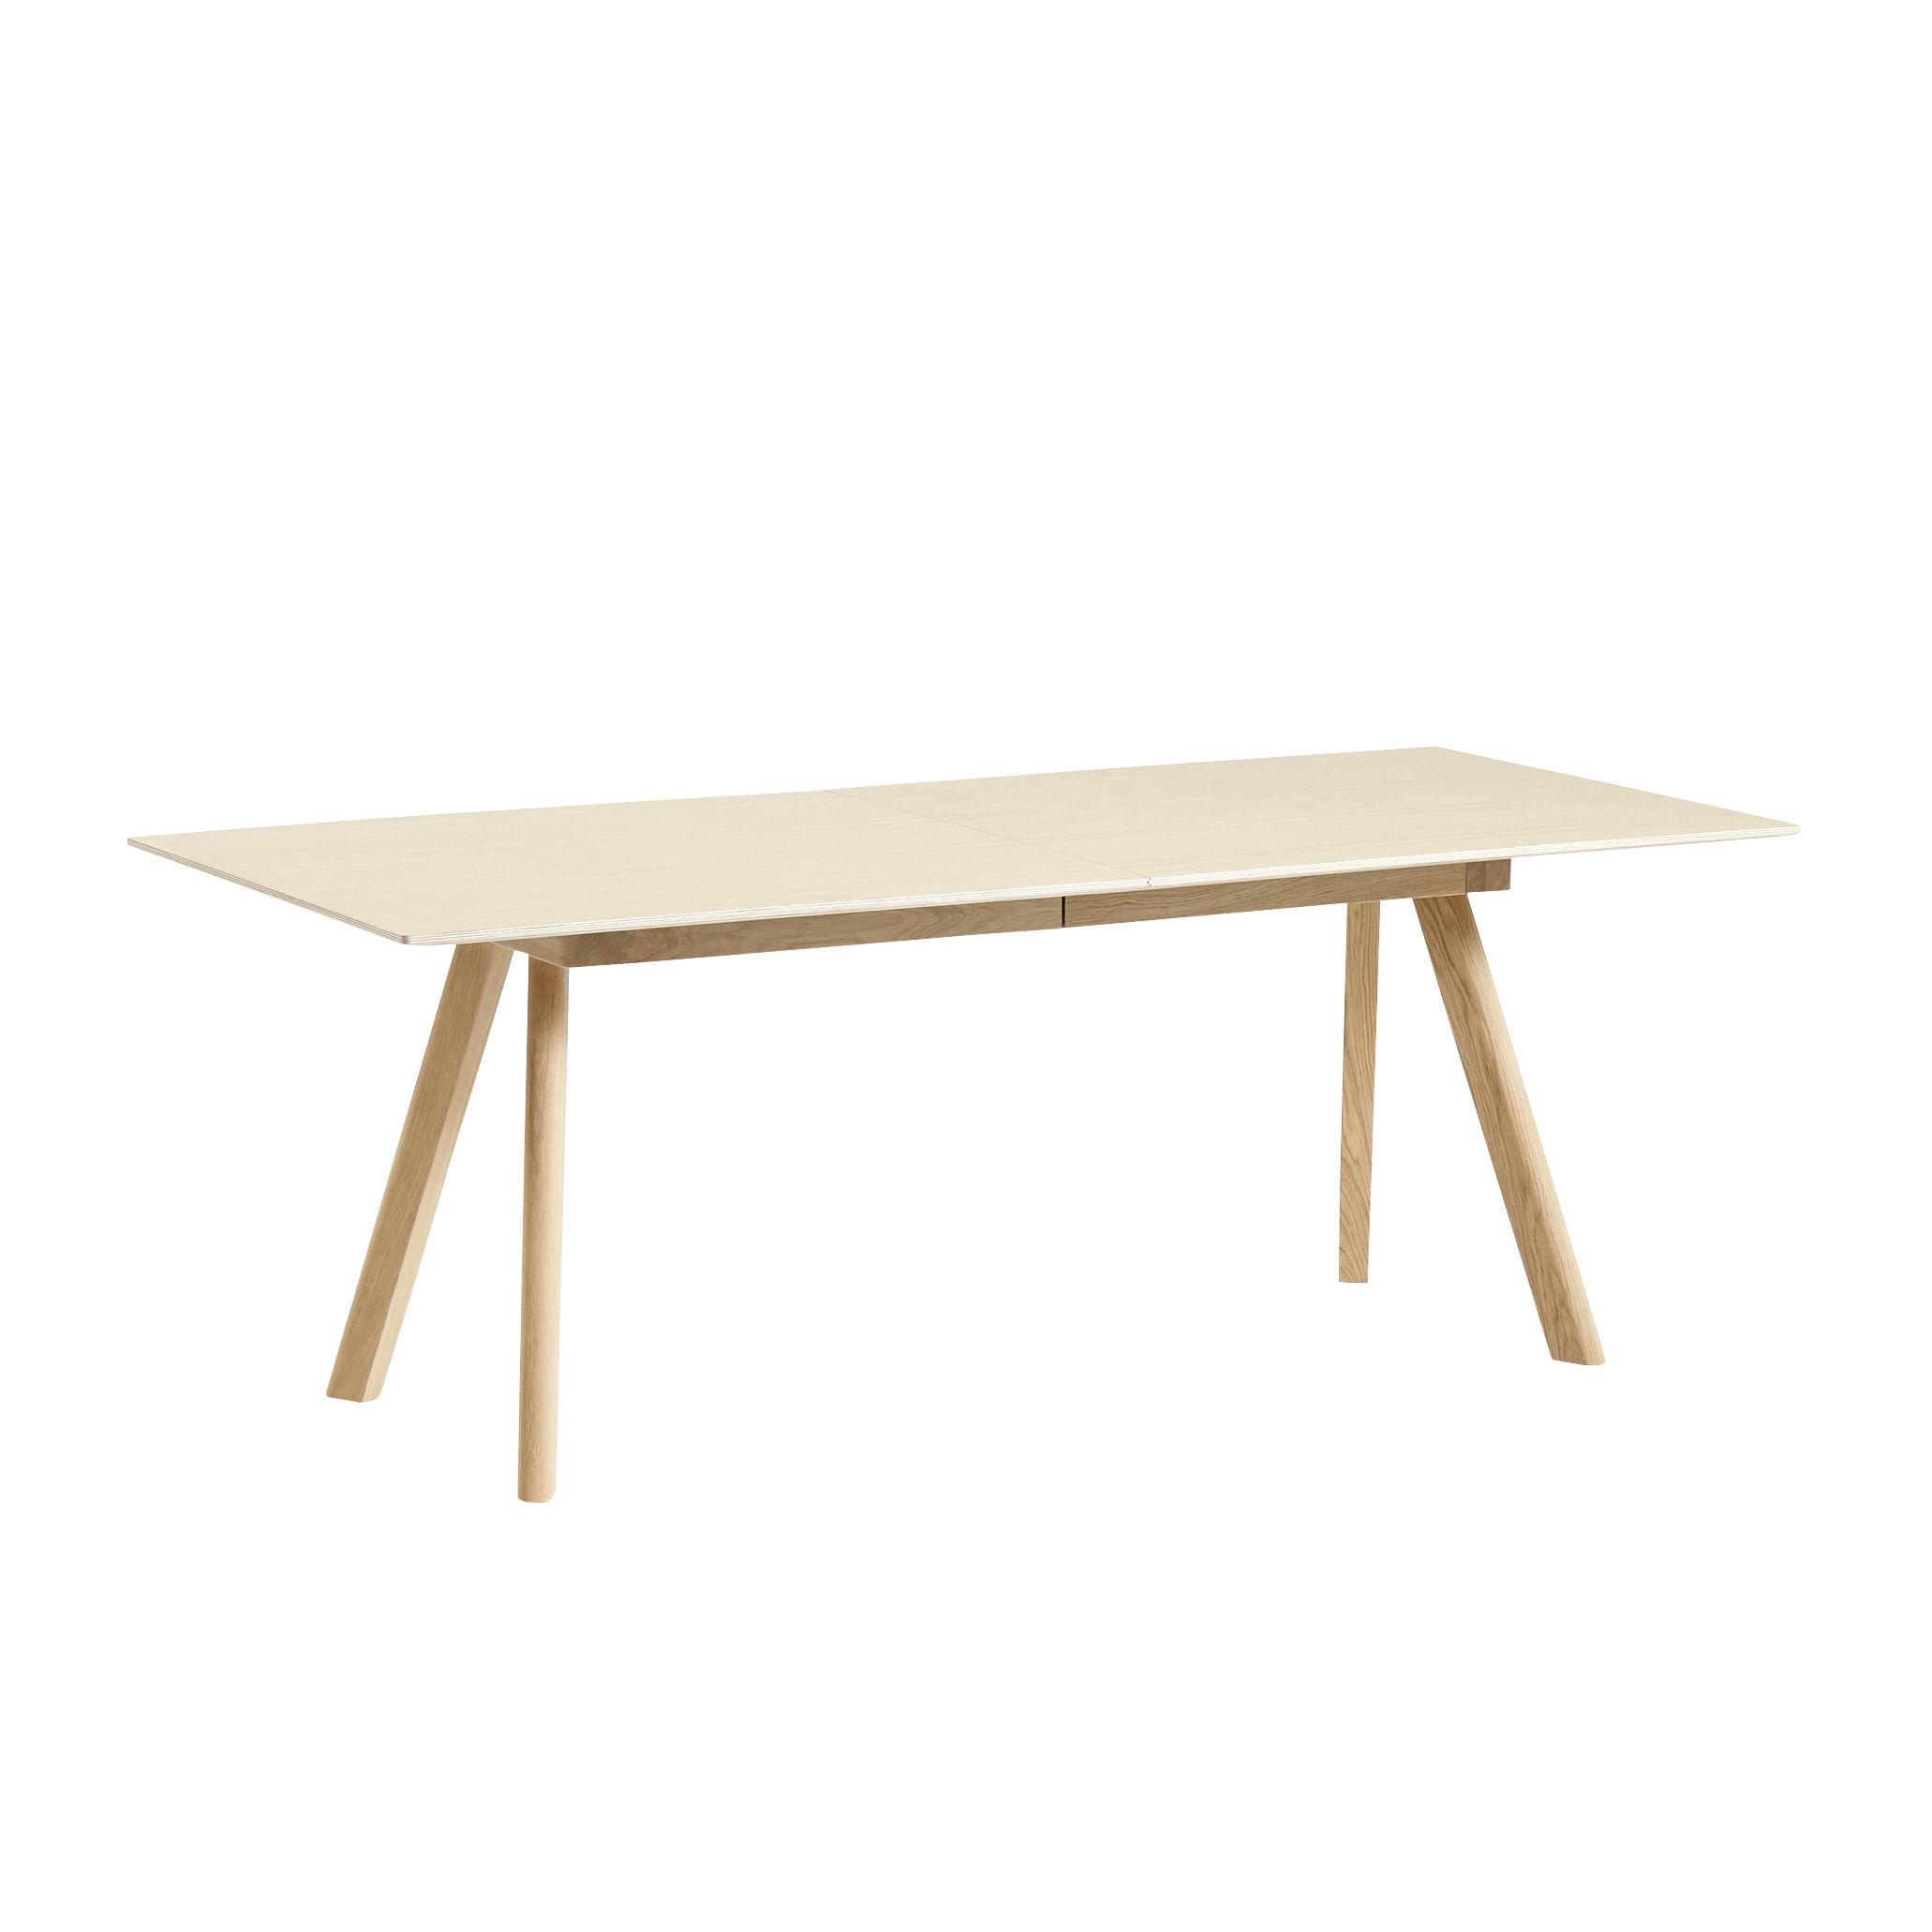 Mobilier - Tables - Table extensible CPH 30 / L 200 x 90 cm - Chêne - Hay - Chêne / Piètement chêne - Chêne massif, Contreplaqué